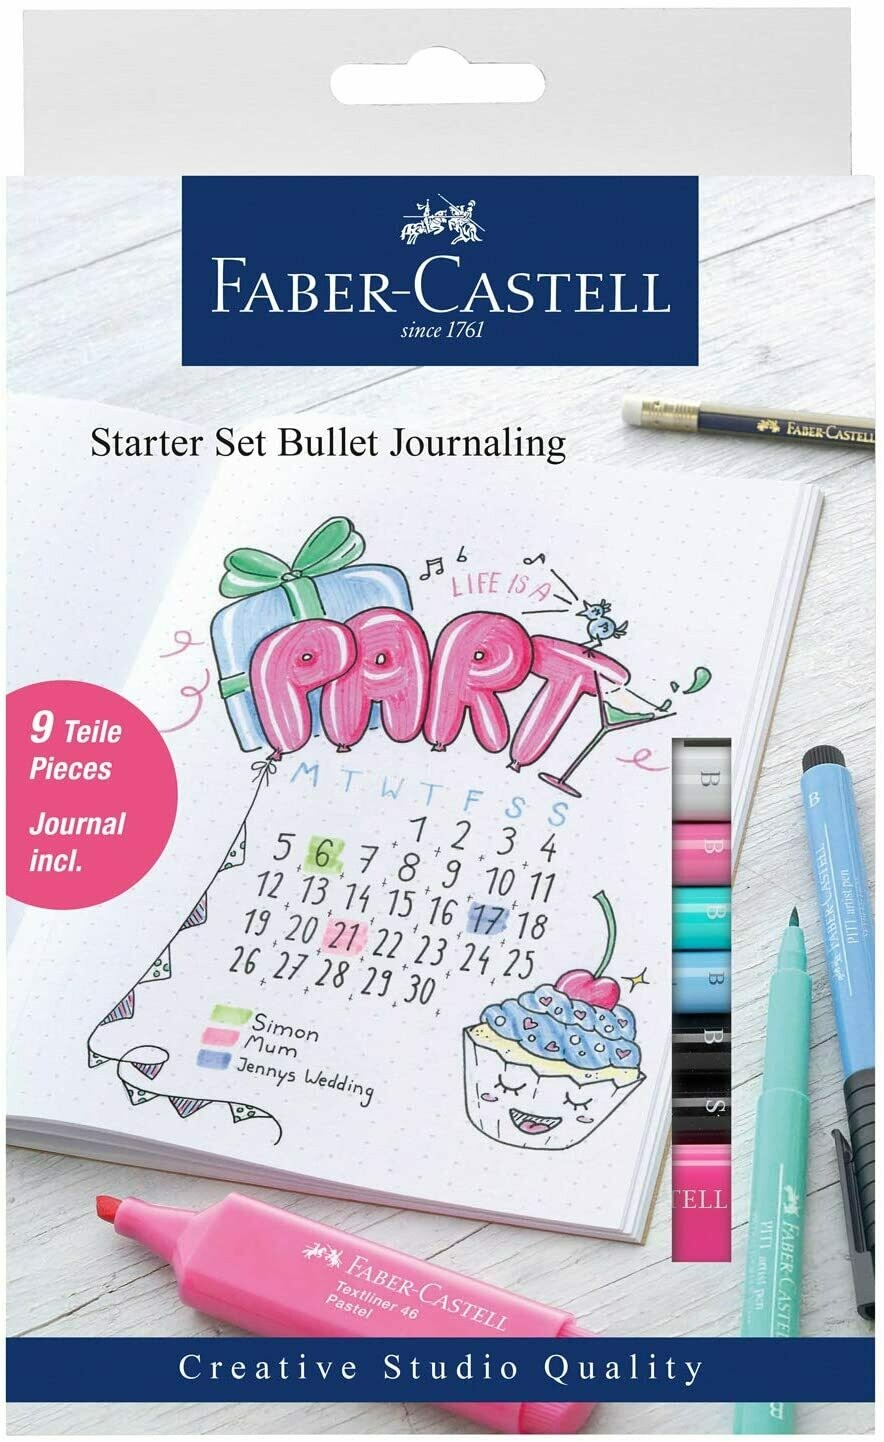 STARTER SET BULLET JOURNALING FABER CASTELL